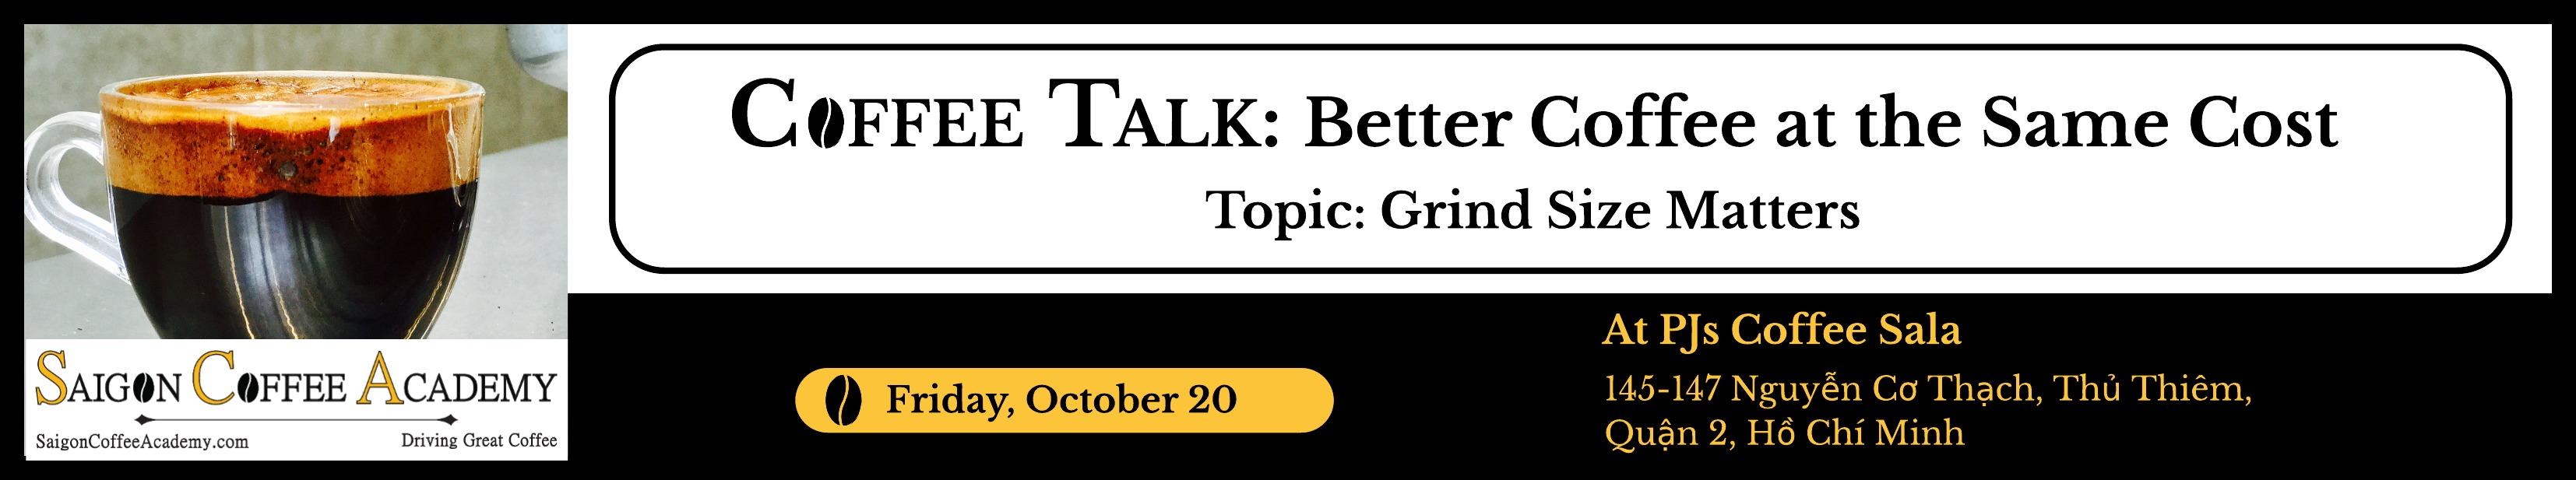 coffee-talk-20-oct.jpg